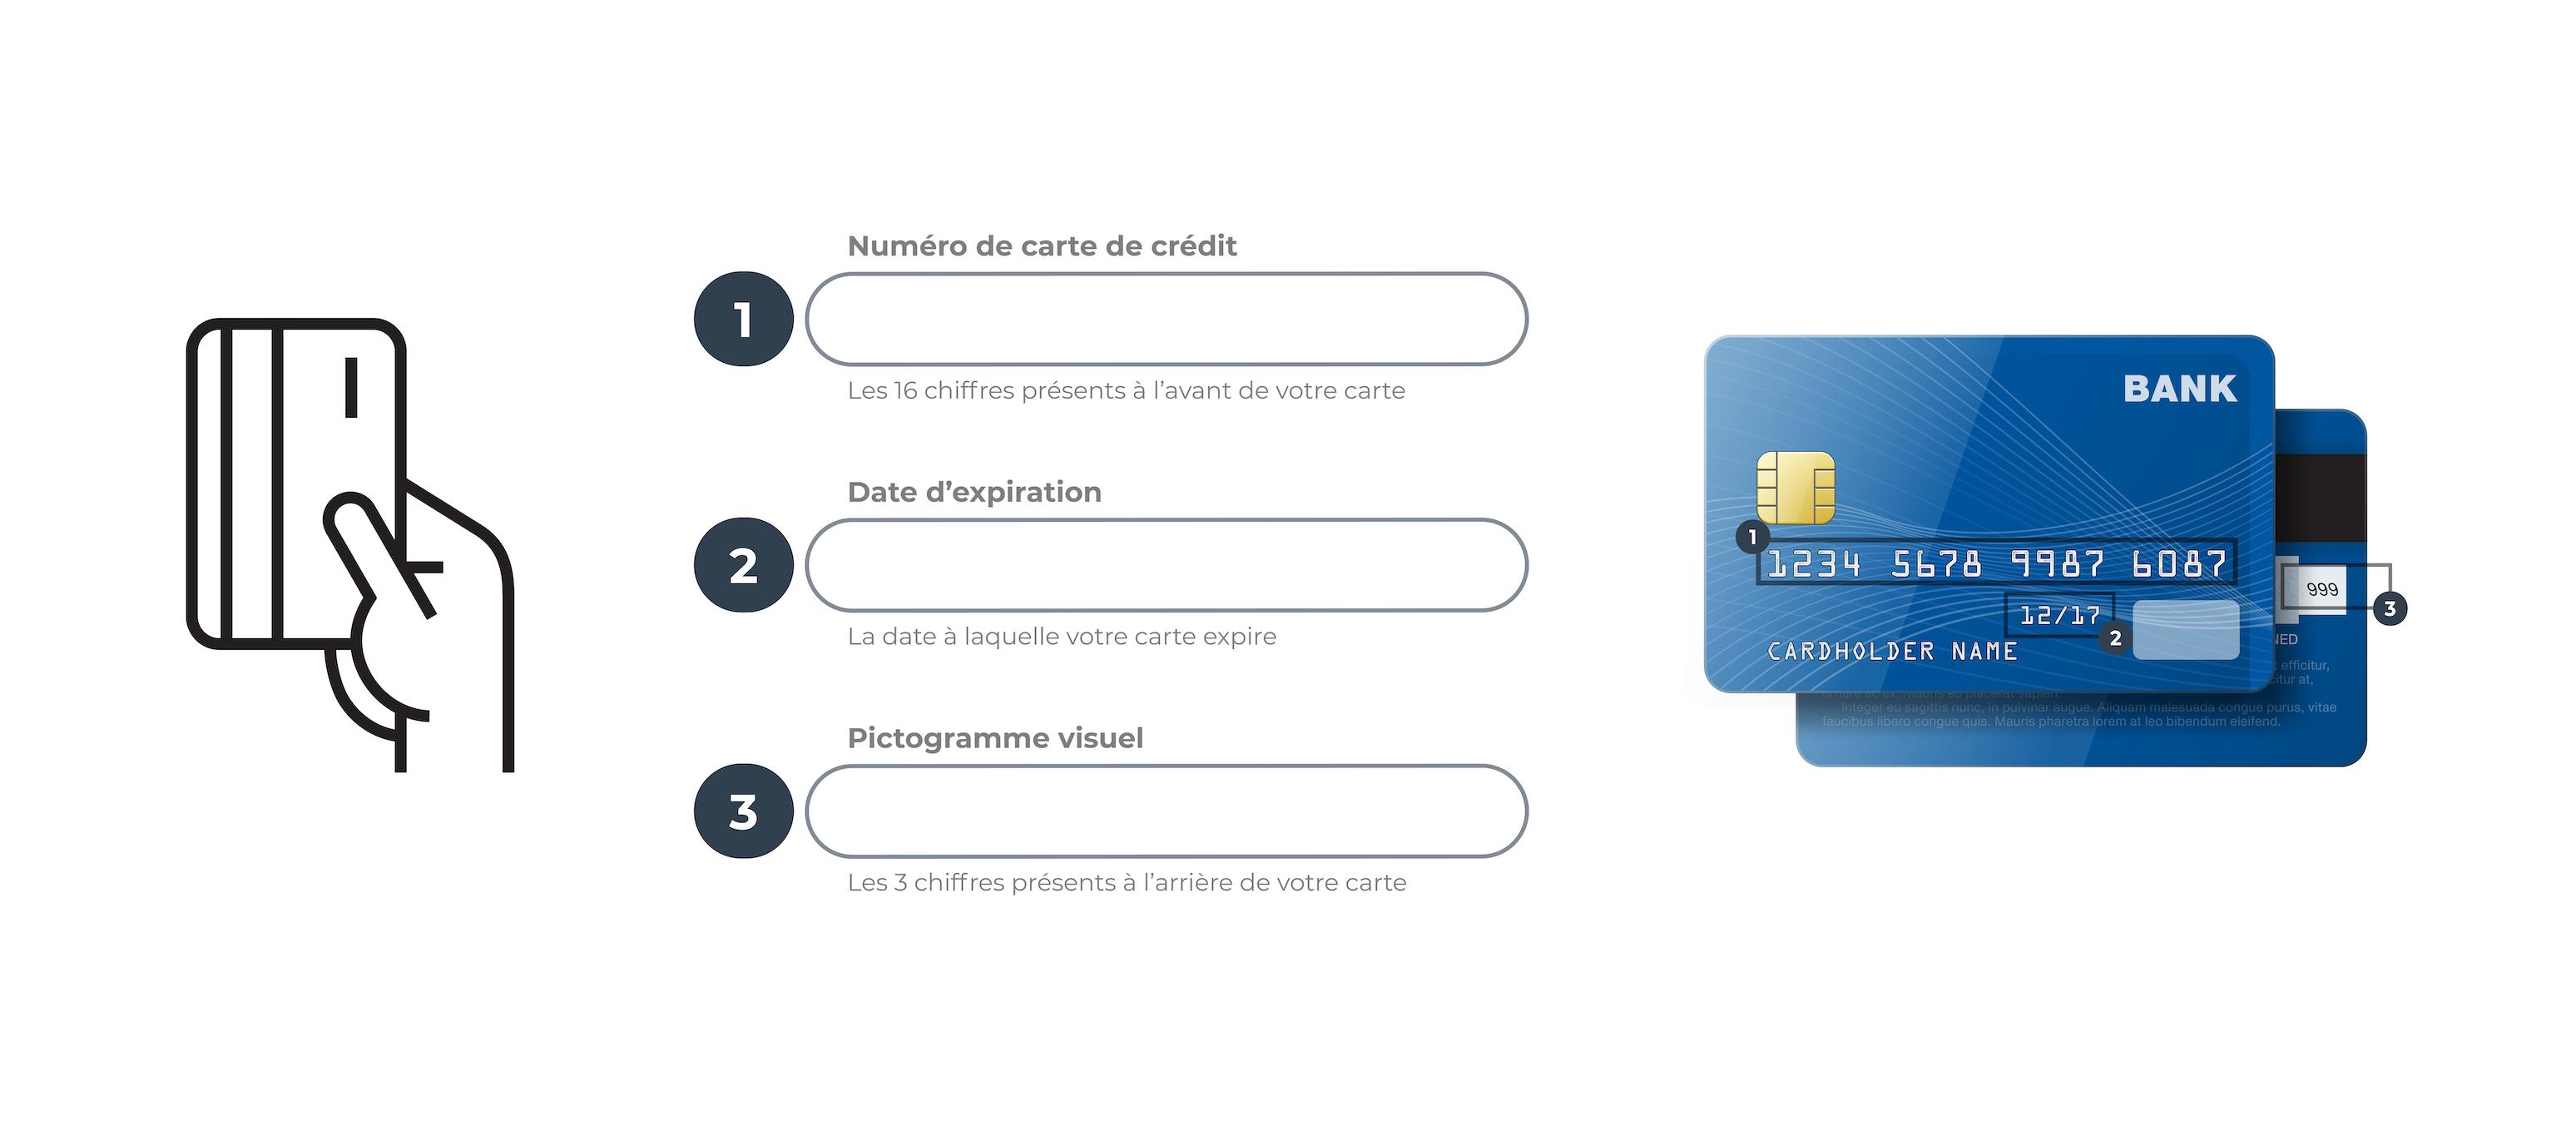 Capture d'écran d'un système de paiement par carte avec des instructions utiles pour le numéro de carte de crédit, la date d'expiration, et le code de sécurité.